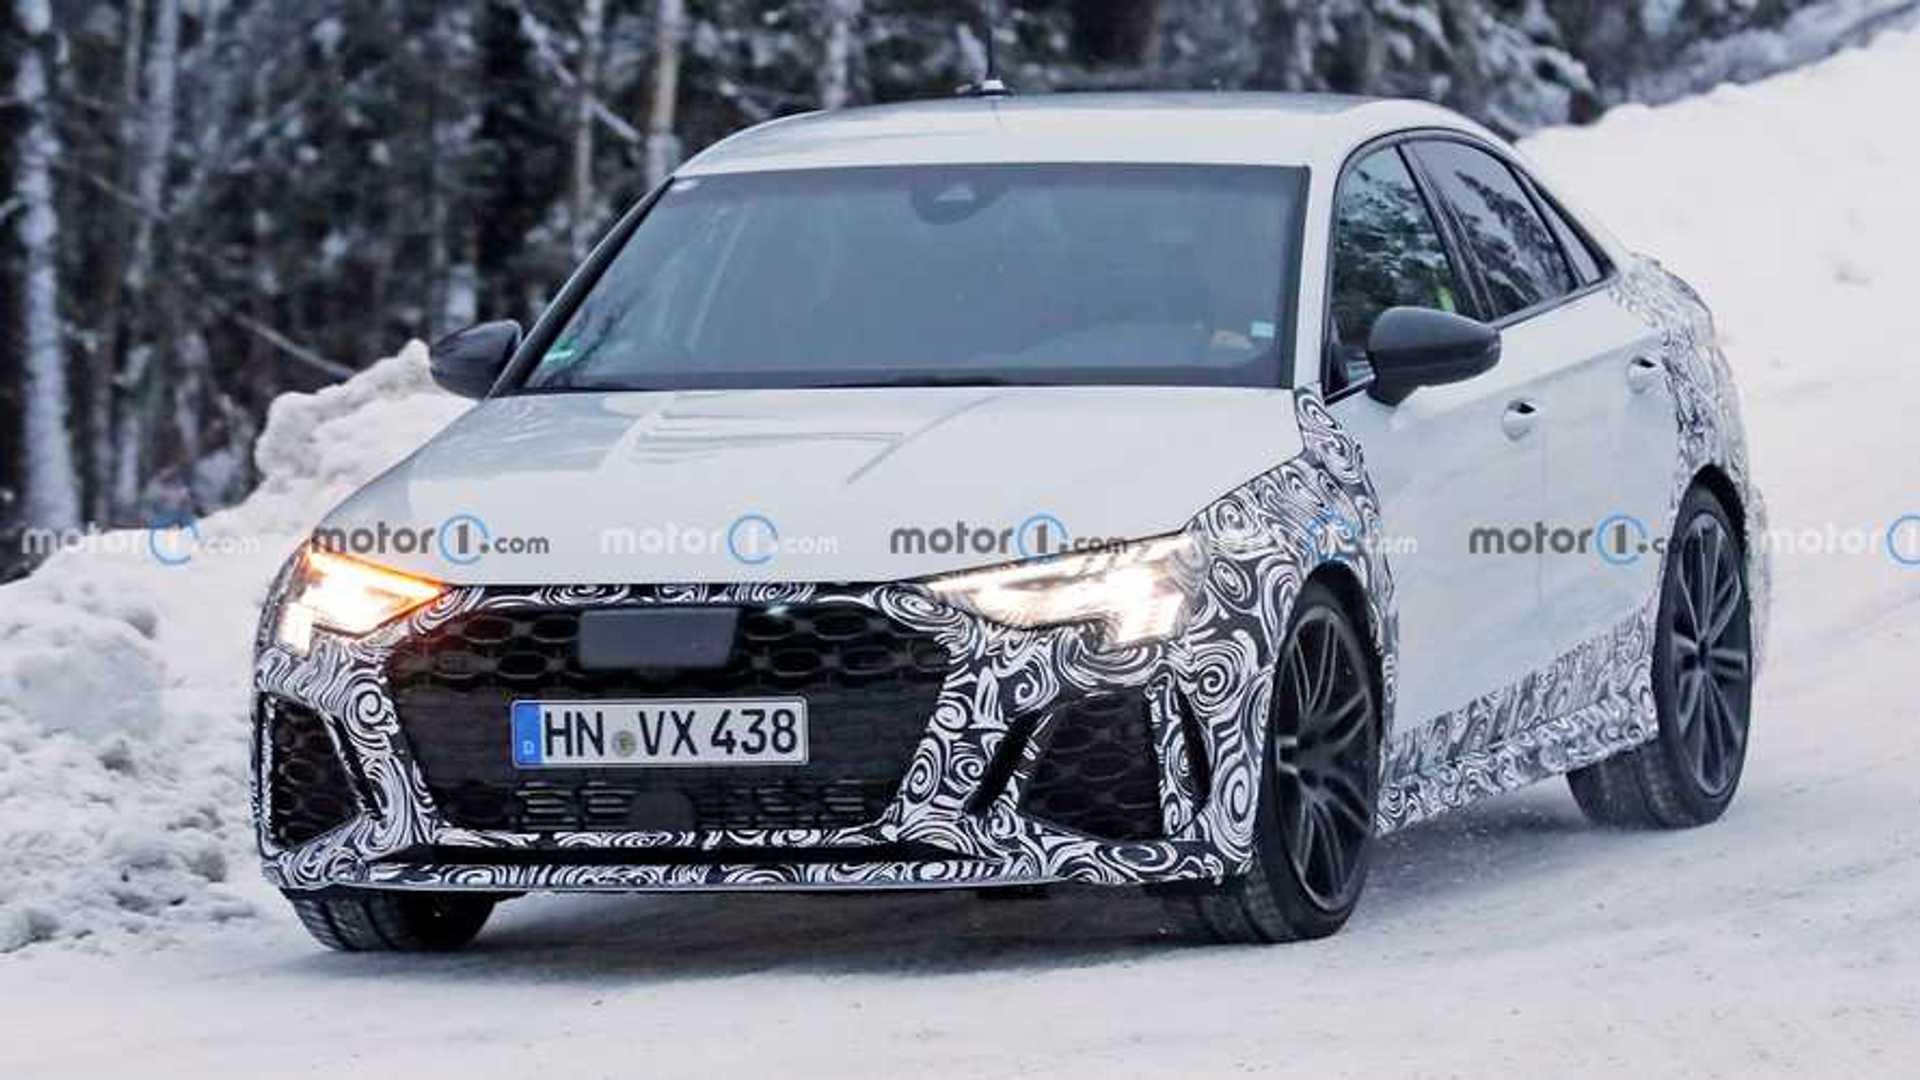 Новый седан Audi RS3 шпионил за работой Quattro во время снежных испытаний